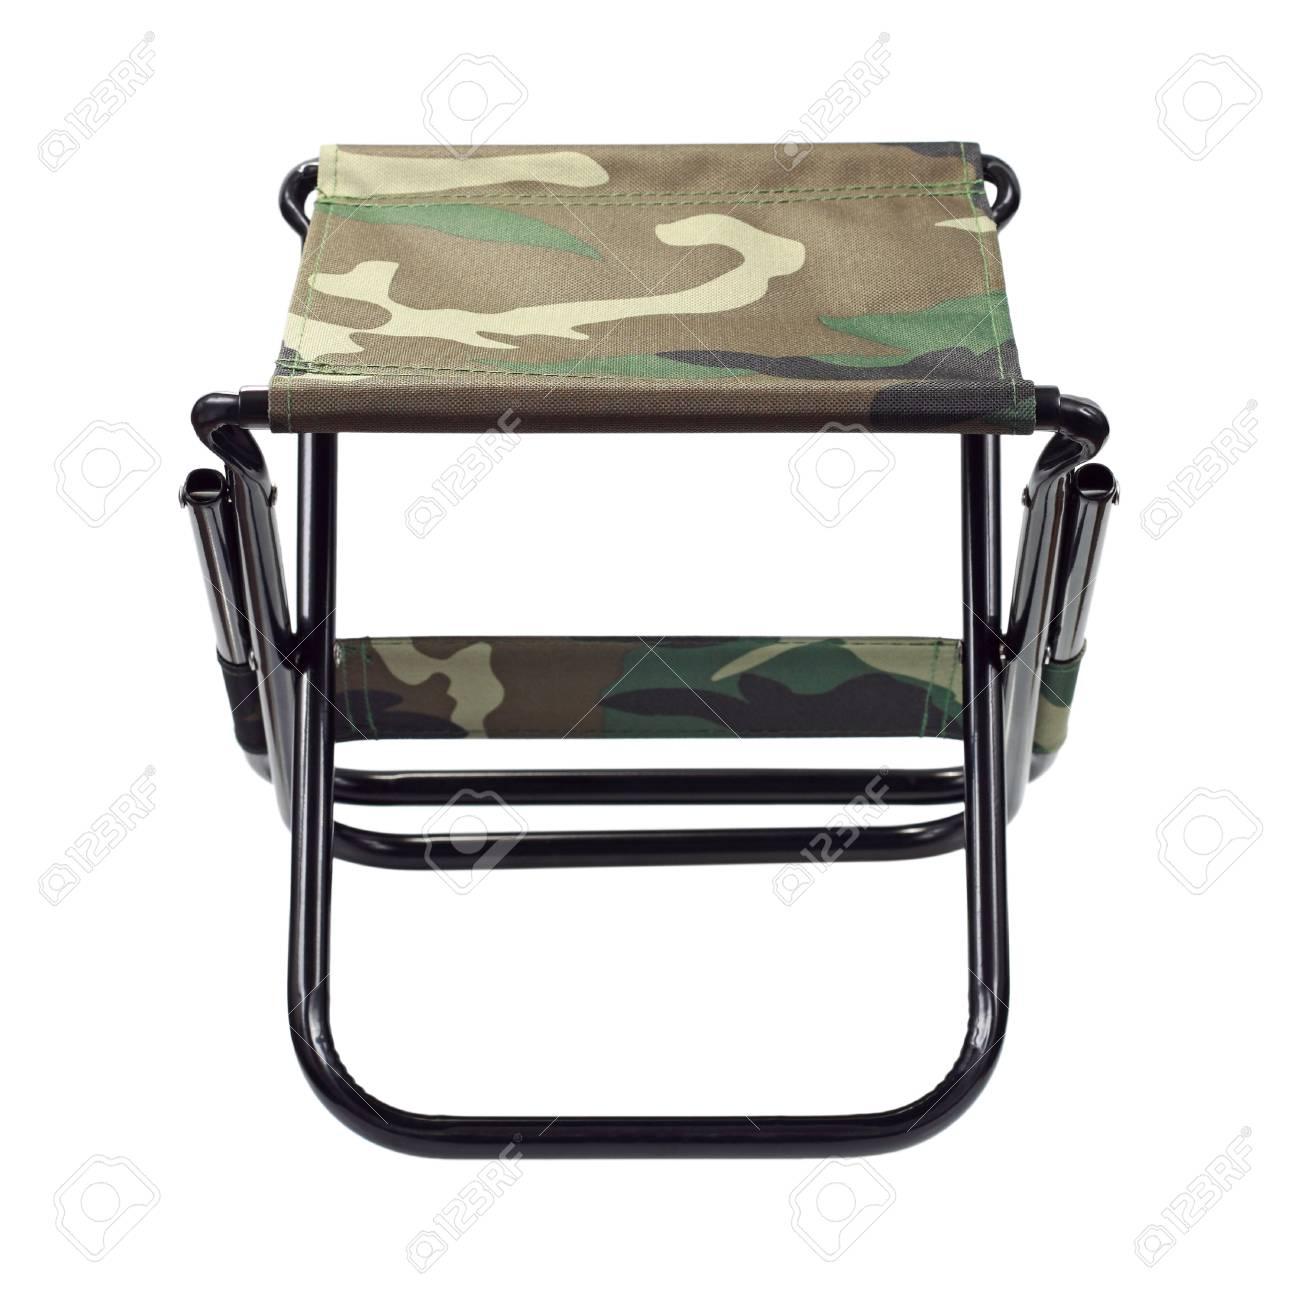 Klappliegestuhl weiss  Es Ist Ein Klapp-Liegestuhl Isoliert Auf Weiß. Lizenzfreie Fotos ...